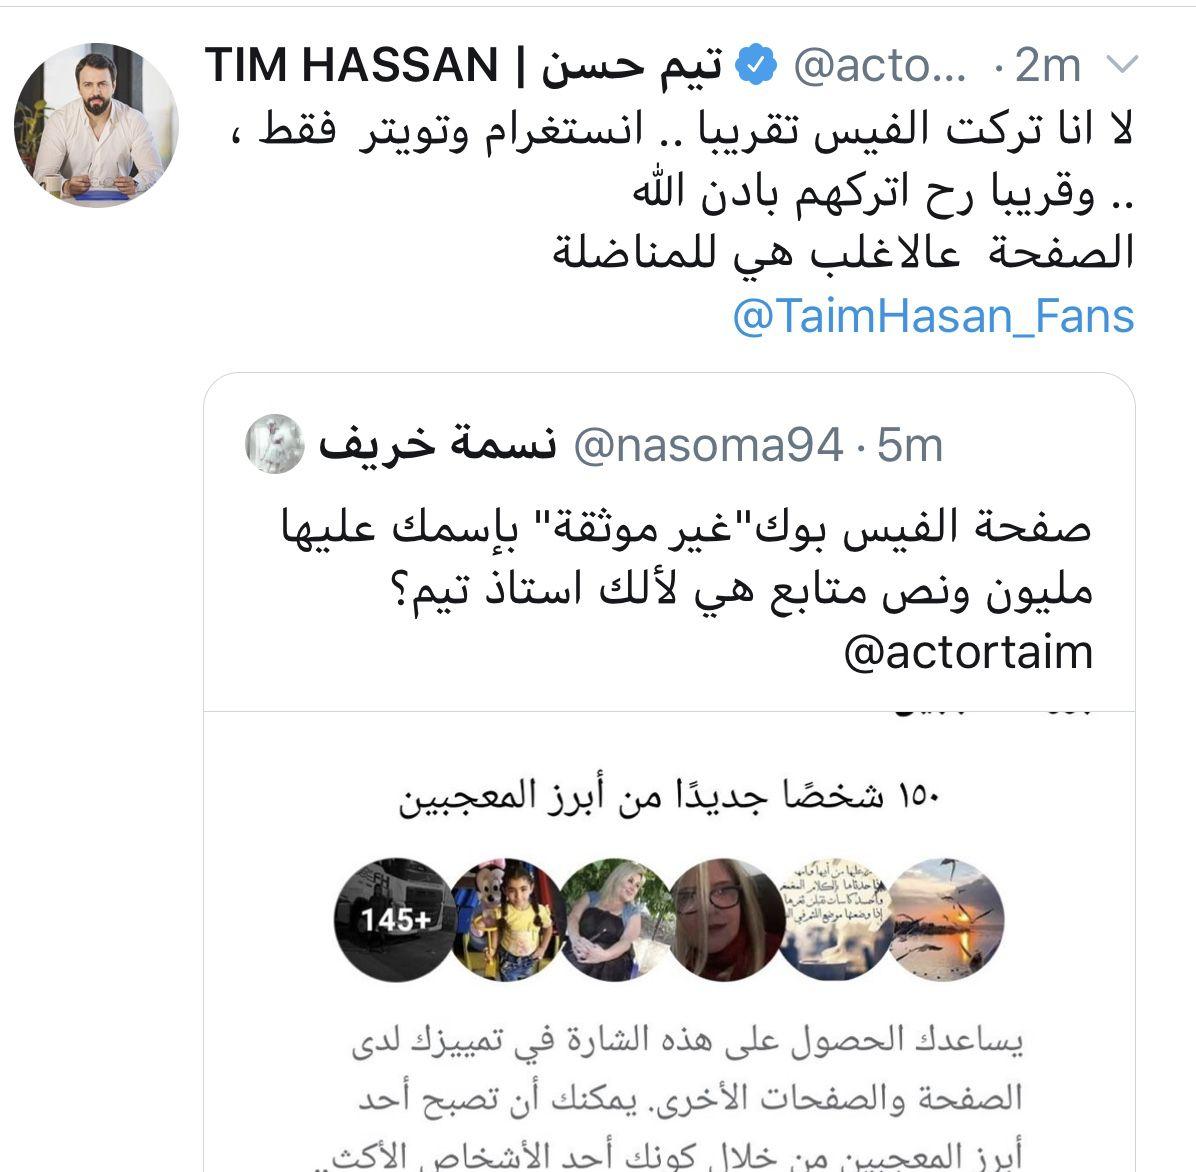 ما كتبه تيم حسن